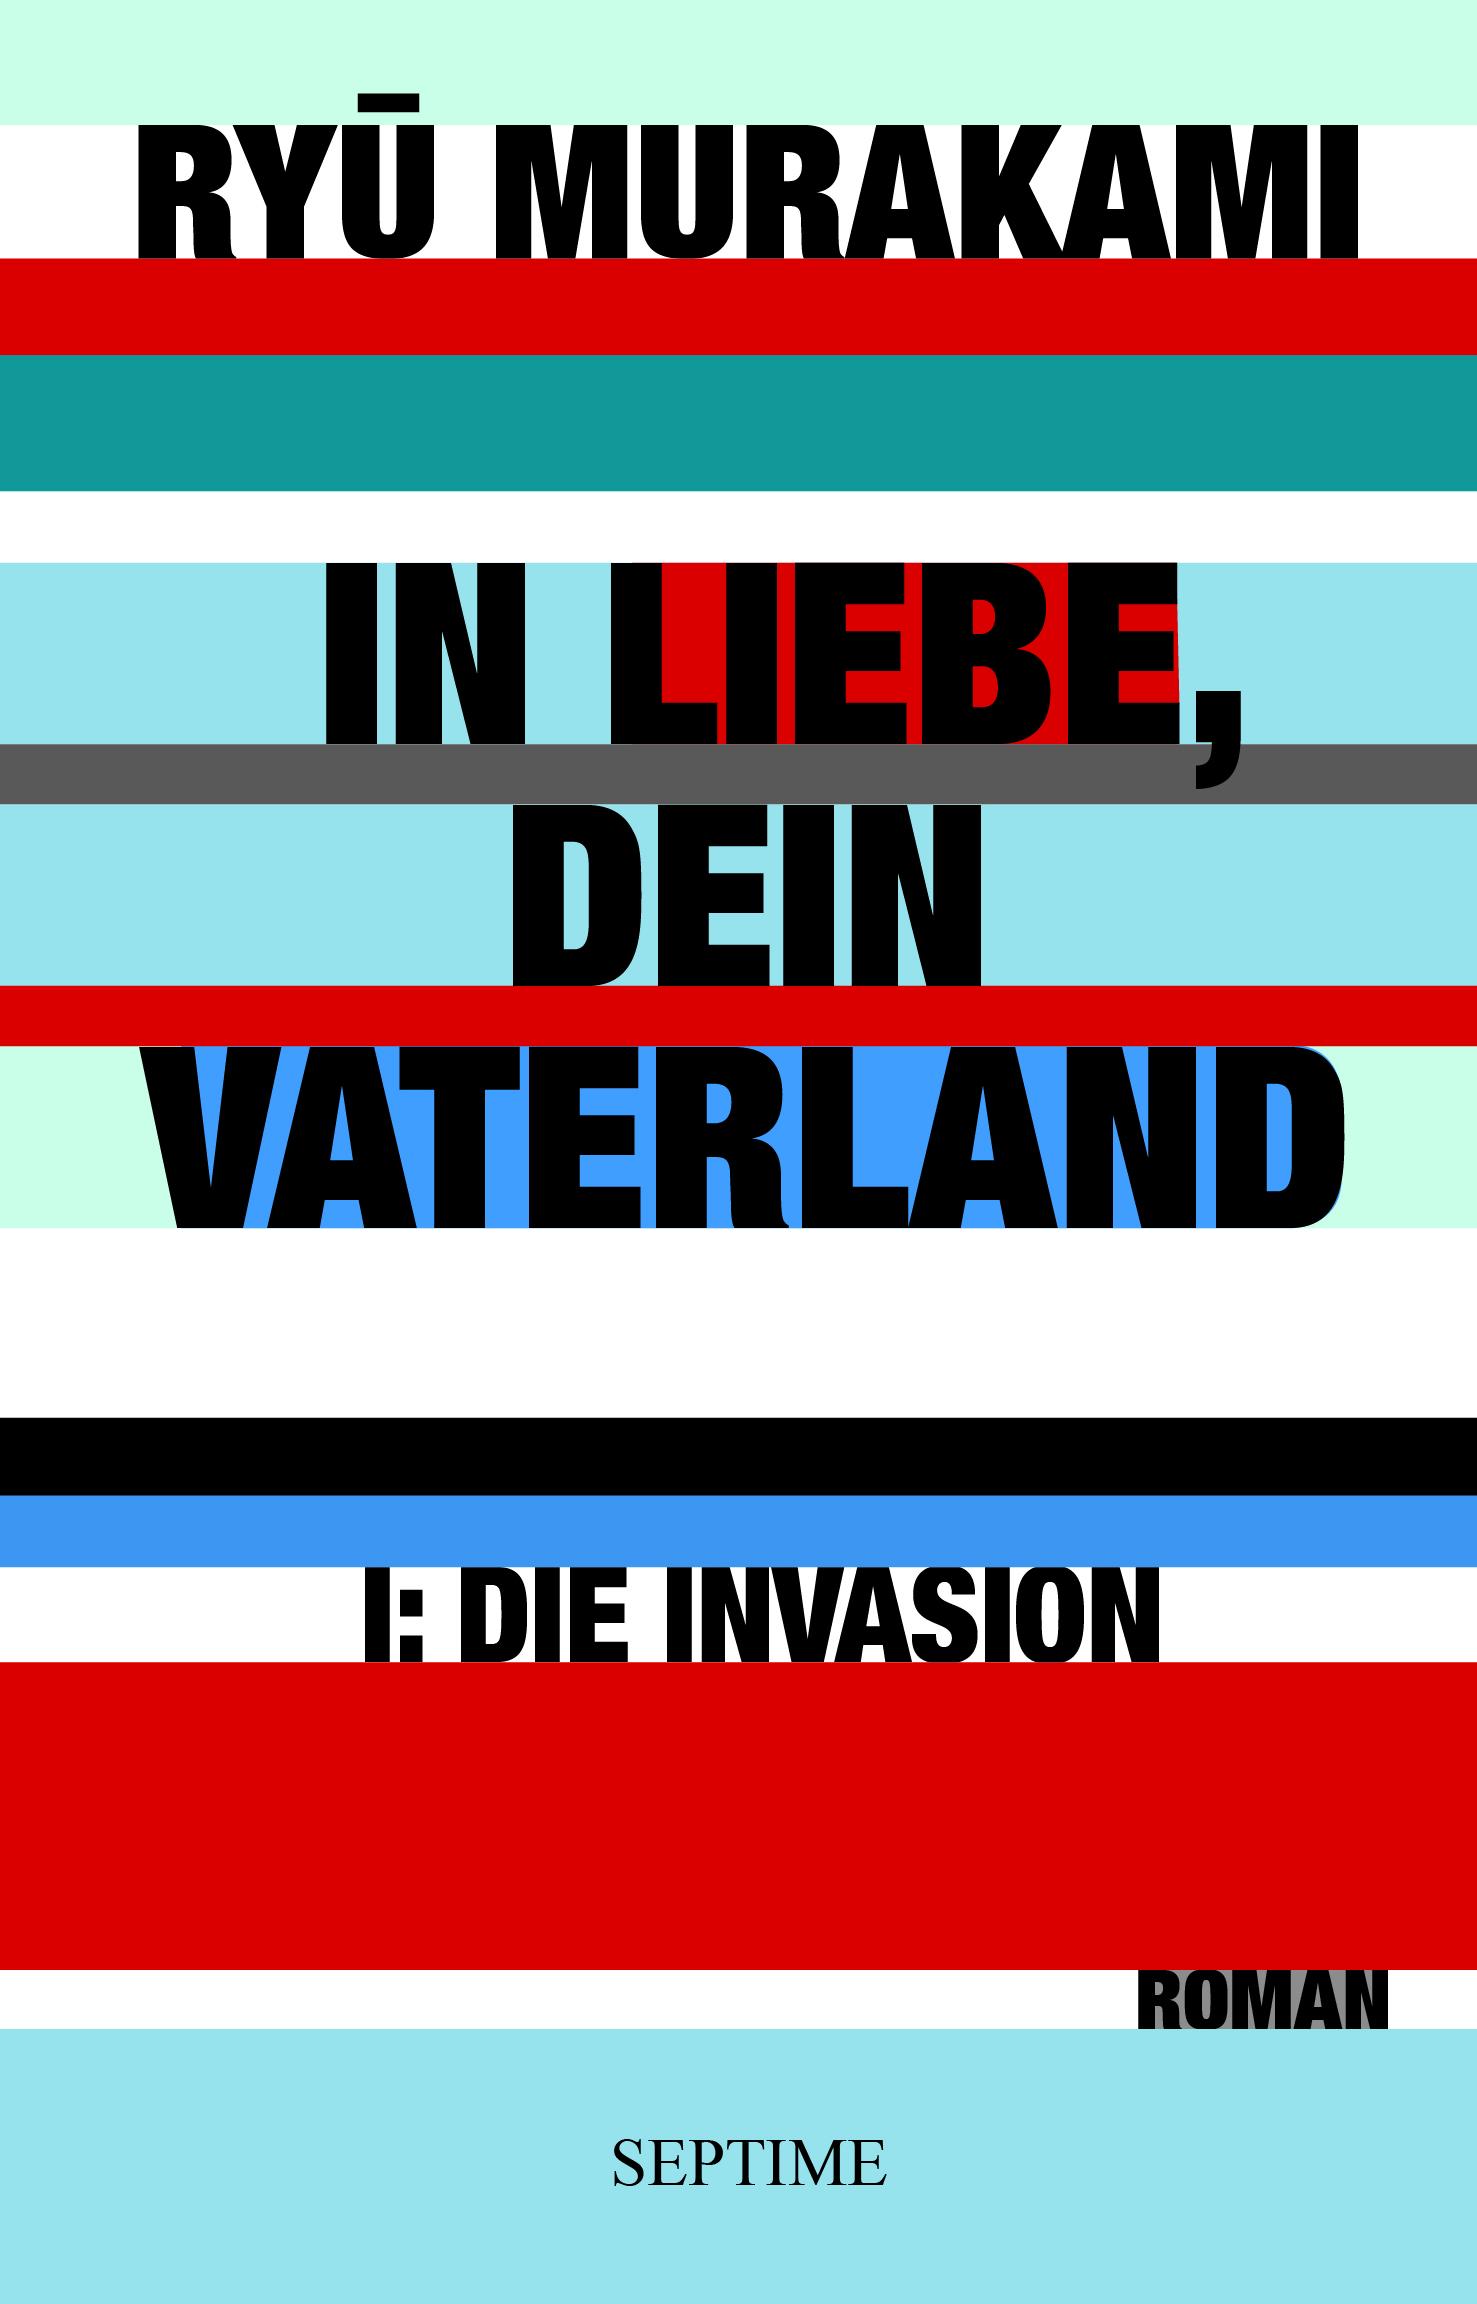 """Grüne Männchen gibt es vielerorts – Zu Murakamis Invasionsromanen """"In Liebe, Dein Vaterland I und II"""" (Rezension, #54)"""